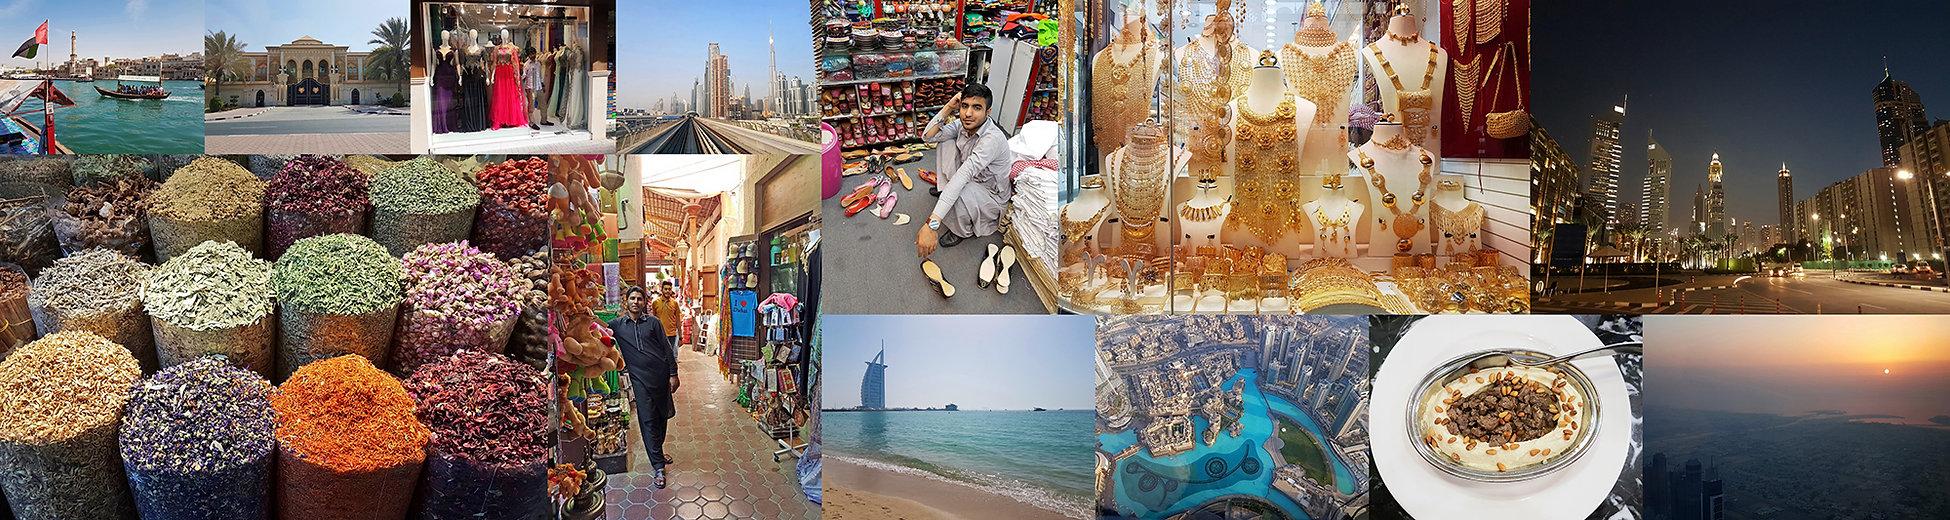 Poznávací zájezd Spojené arabské emiráty